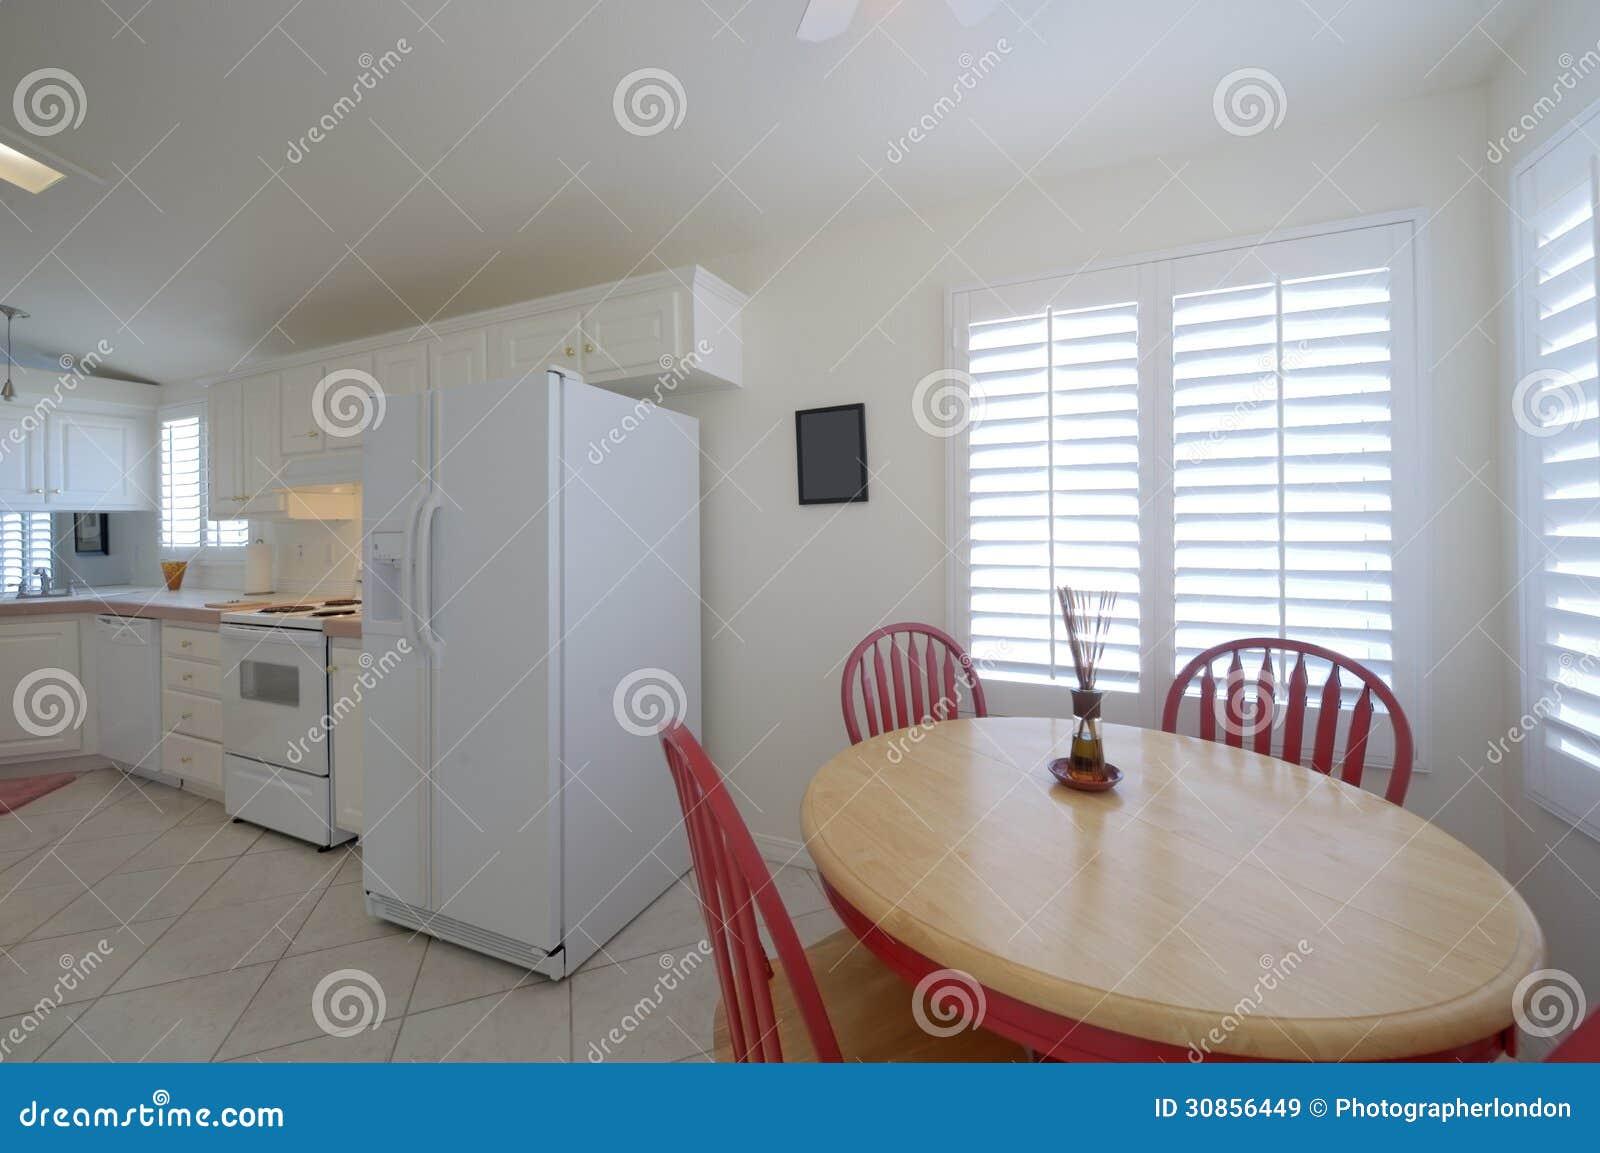 Cucine Moderne Bianche E Rosse. Bellissima Cucina Moderna Elegante E ...